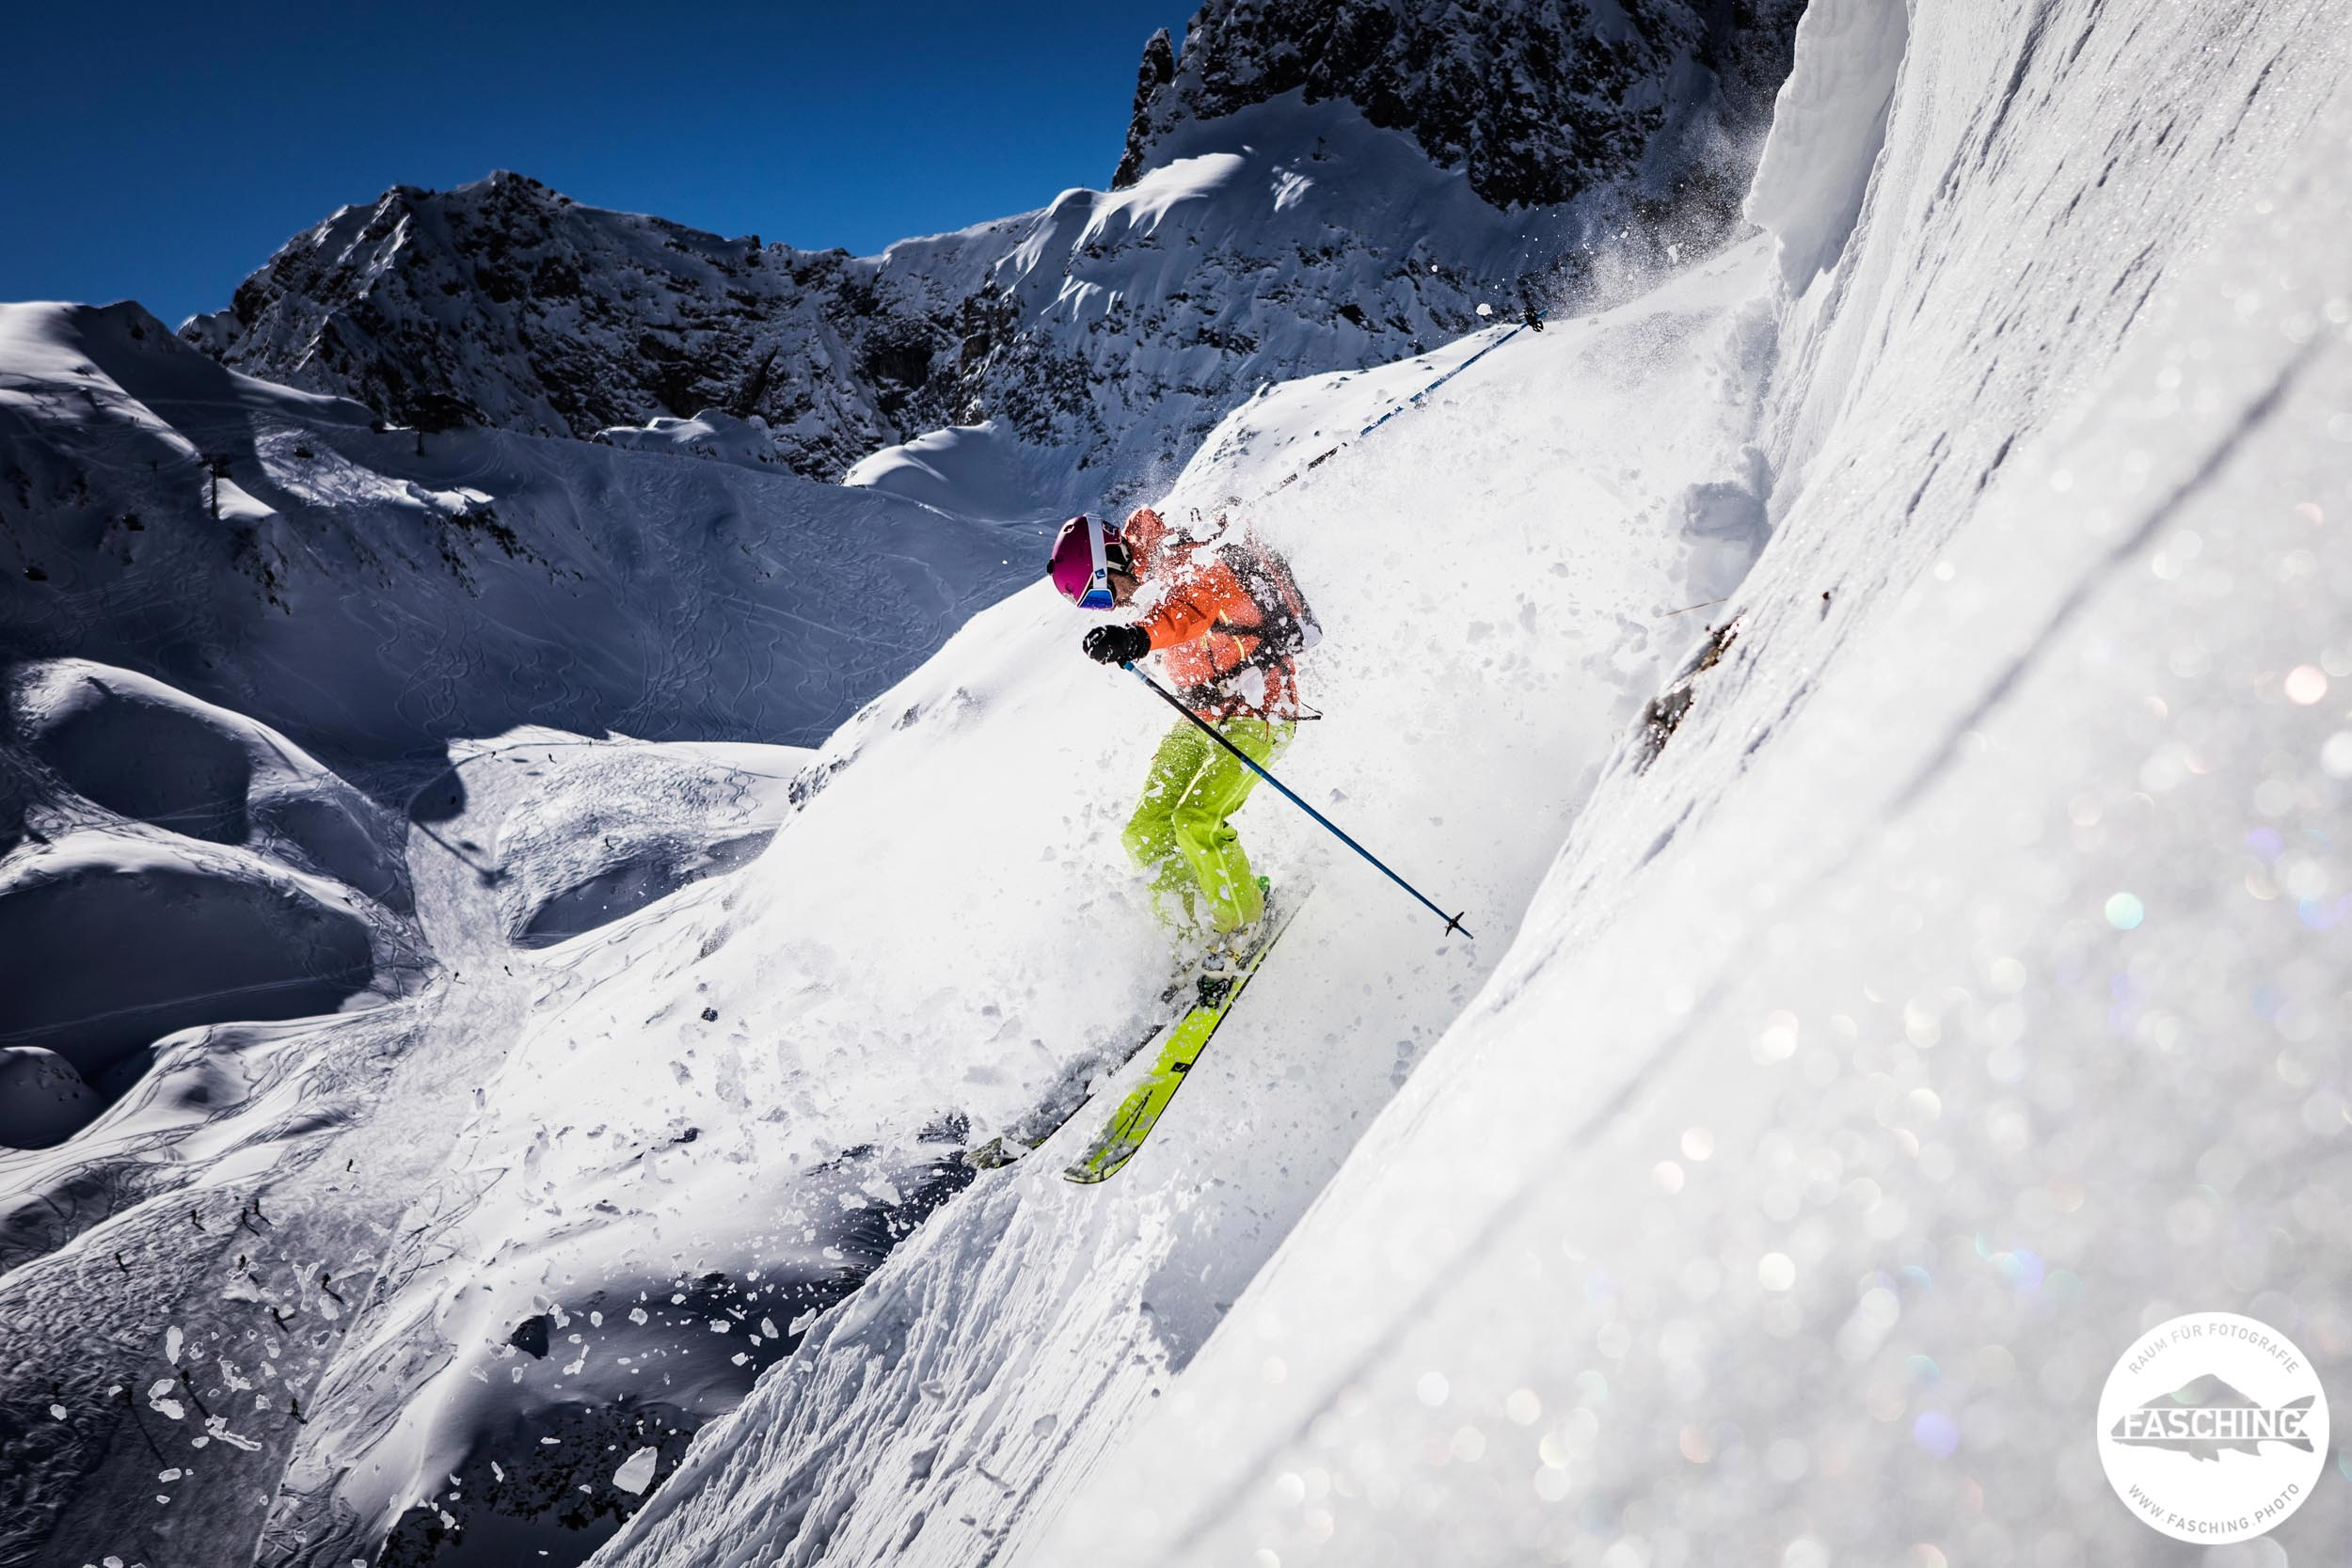 Skifotos und Tourismusfotos im Skigebiet Lech Zürs am Arlberg von Sportfotograf Luca Fasching